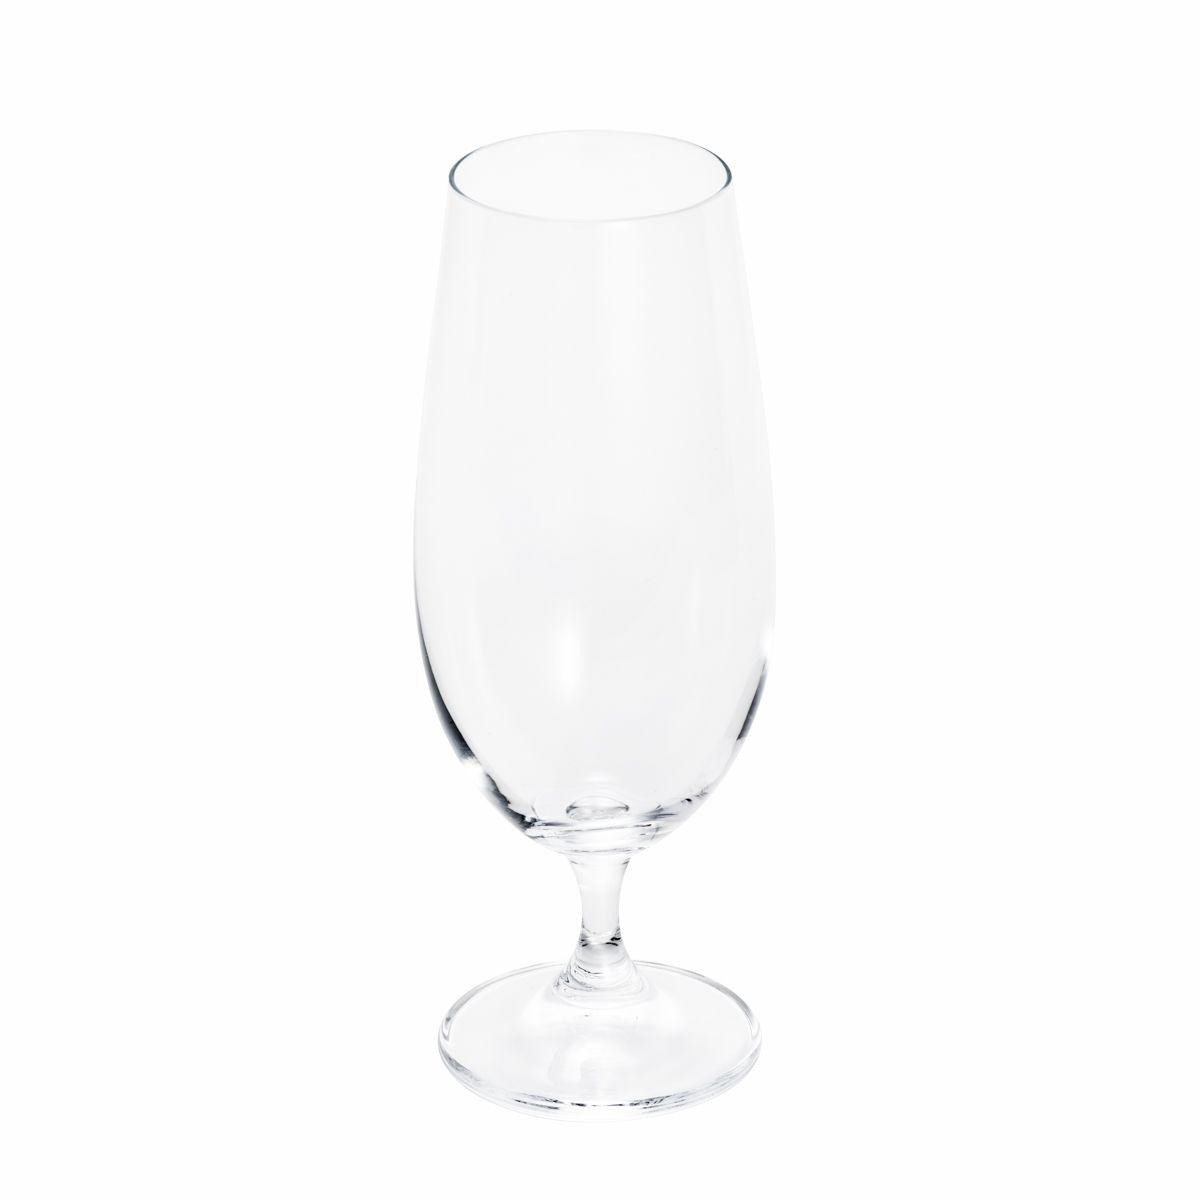 Jg 06 Taças para Cerveja Colibri 380ml de Cristal Bohemia